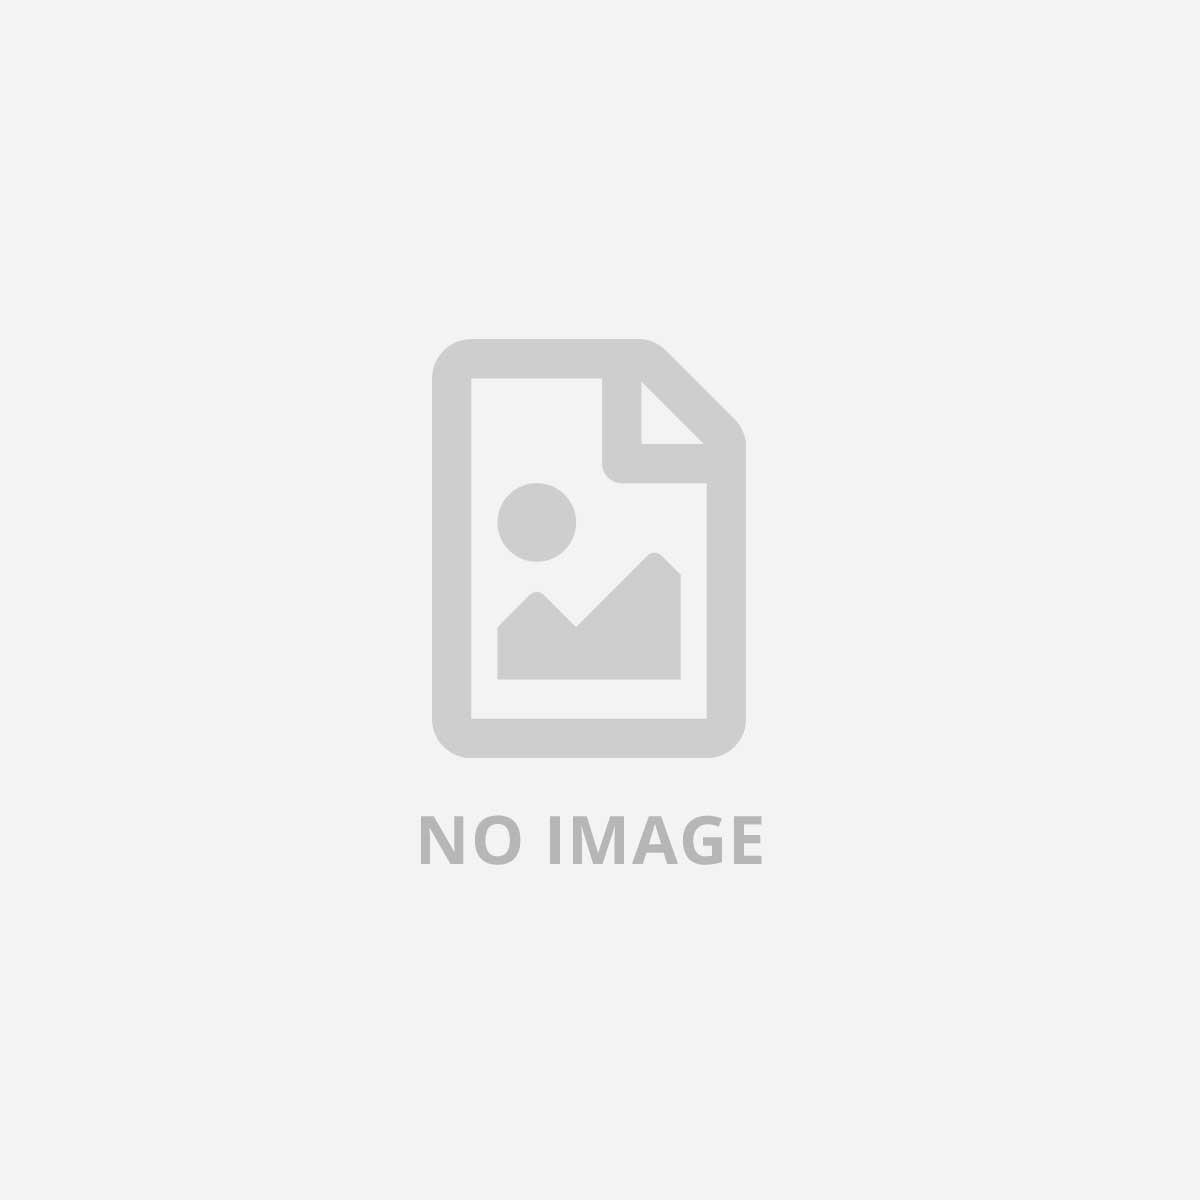 LENOVO NET_BO RAID 520I PCIE ADAPTER